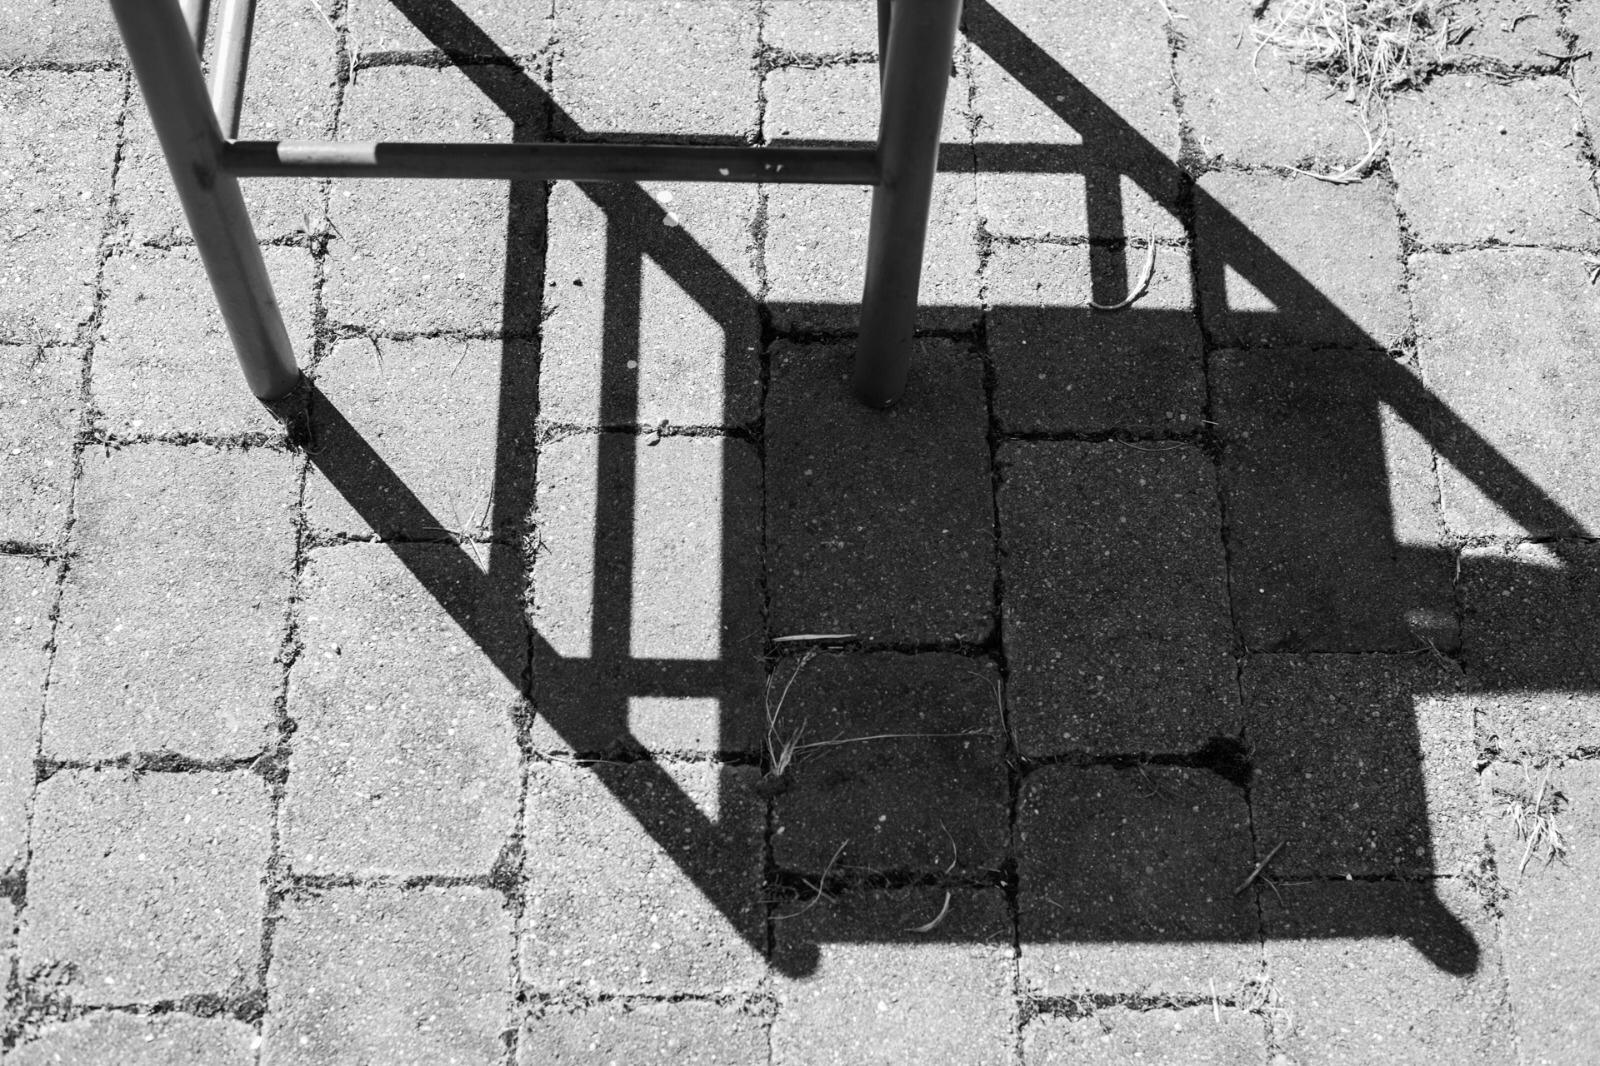 Edoardo Romagnoli lancia il progetto #INDUGIAMO. In tempi sospesi, nuove osservazioni artistiche